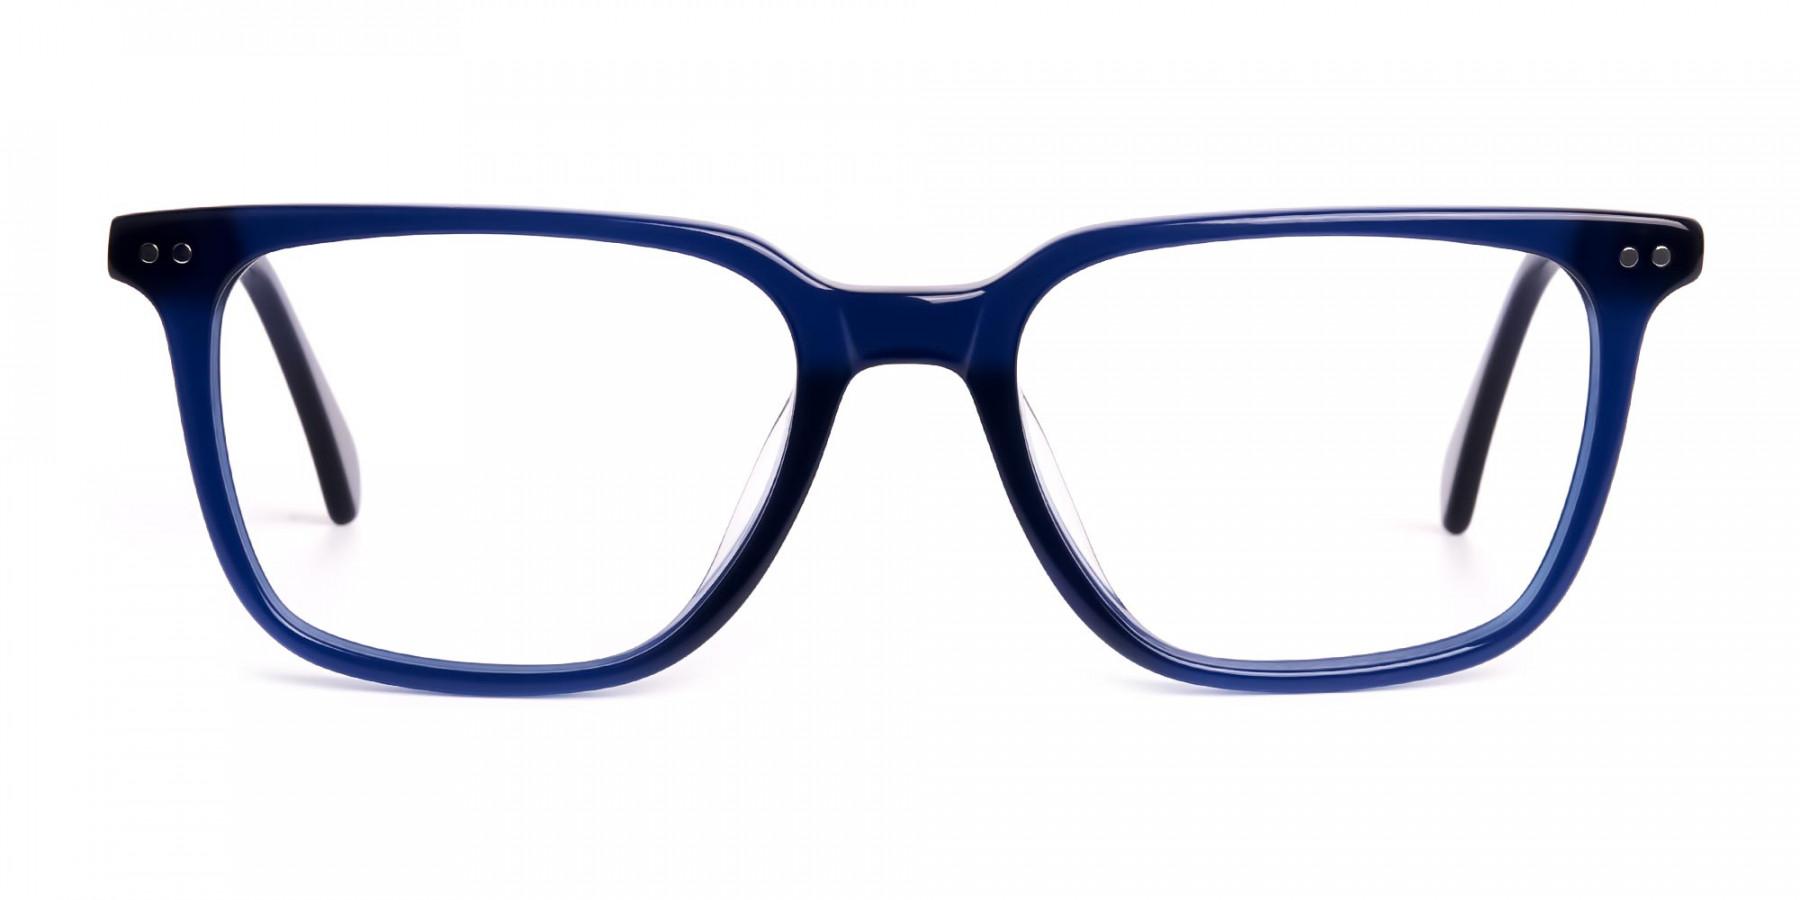 navy-blue-rectangular-wayfarer-full-rim-glasses-frames-1